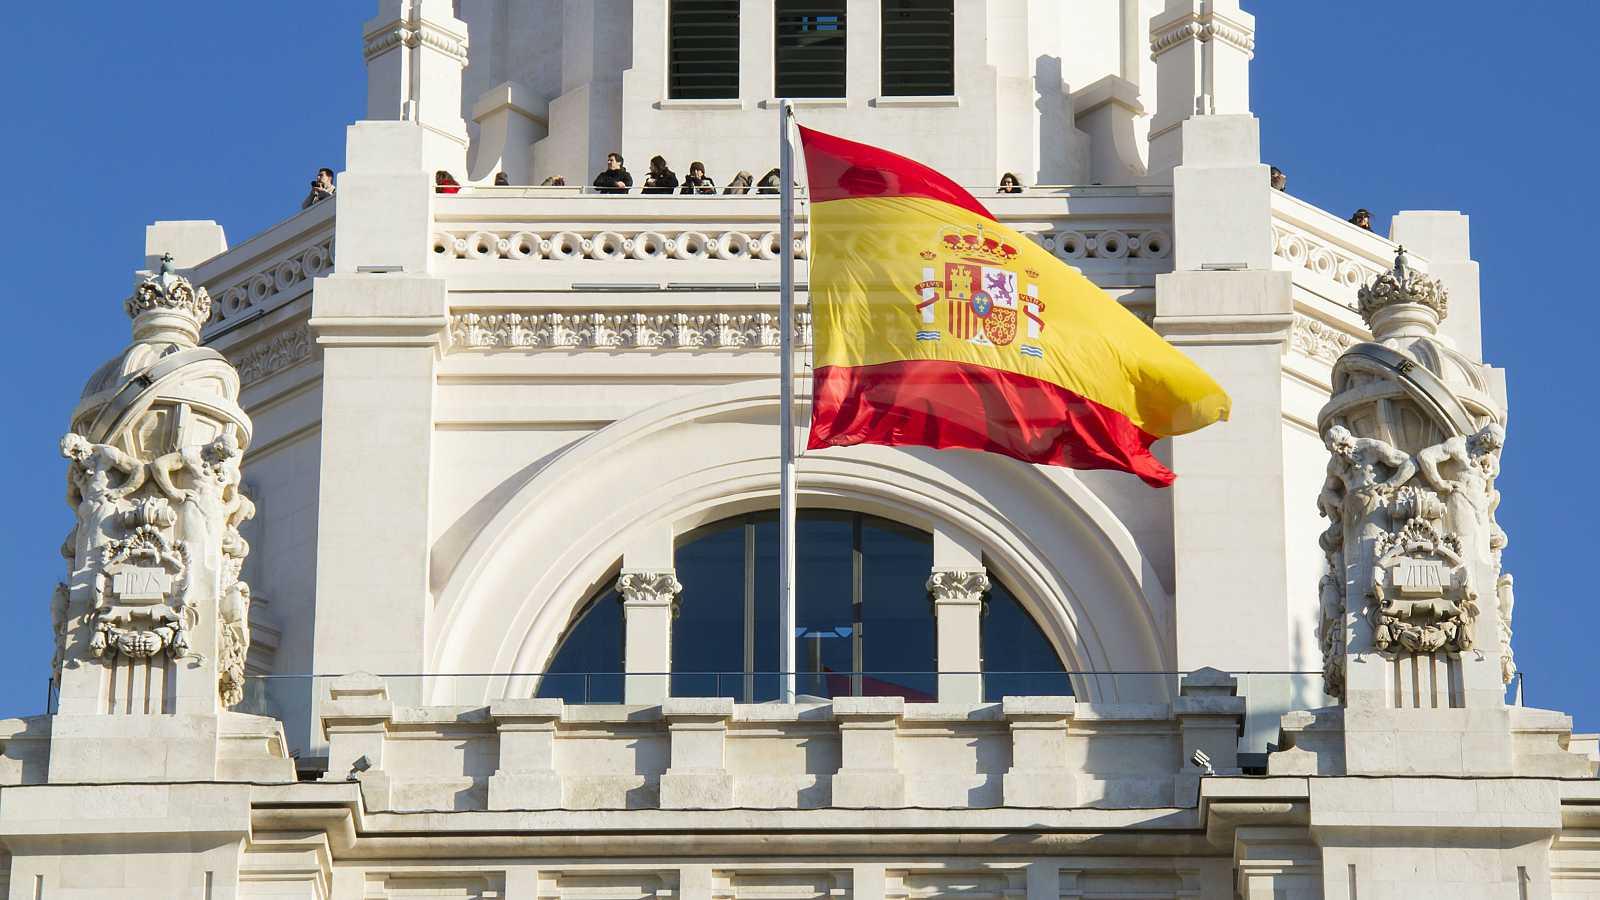 Palacio de Comunicación, comúnmente conocido como Palacio de Cibeles, ubicado en la Plaza de Cibeles en Madrid, España.